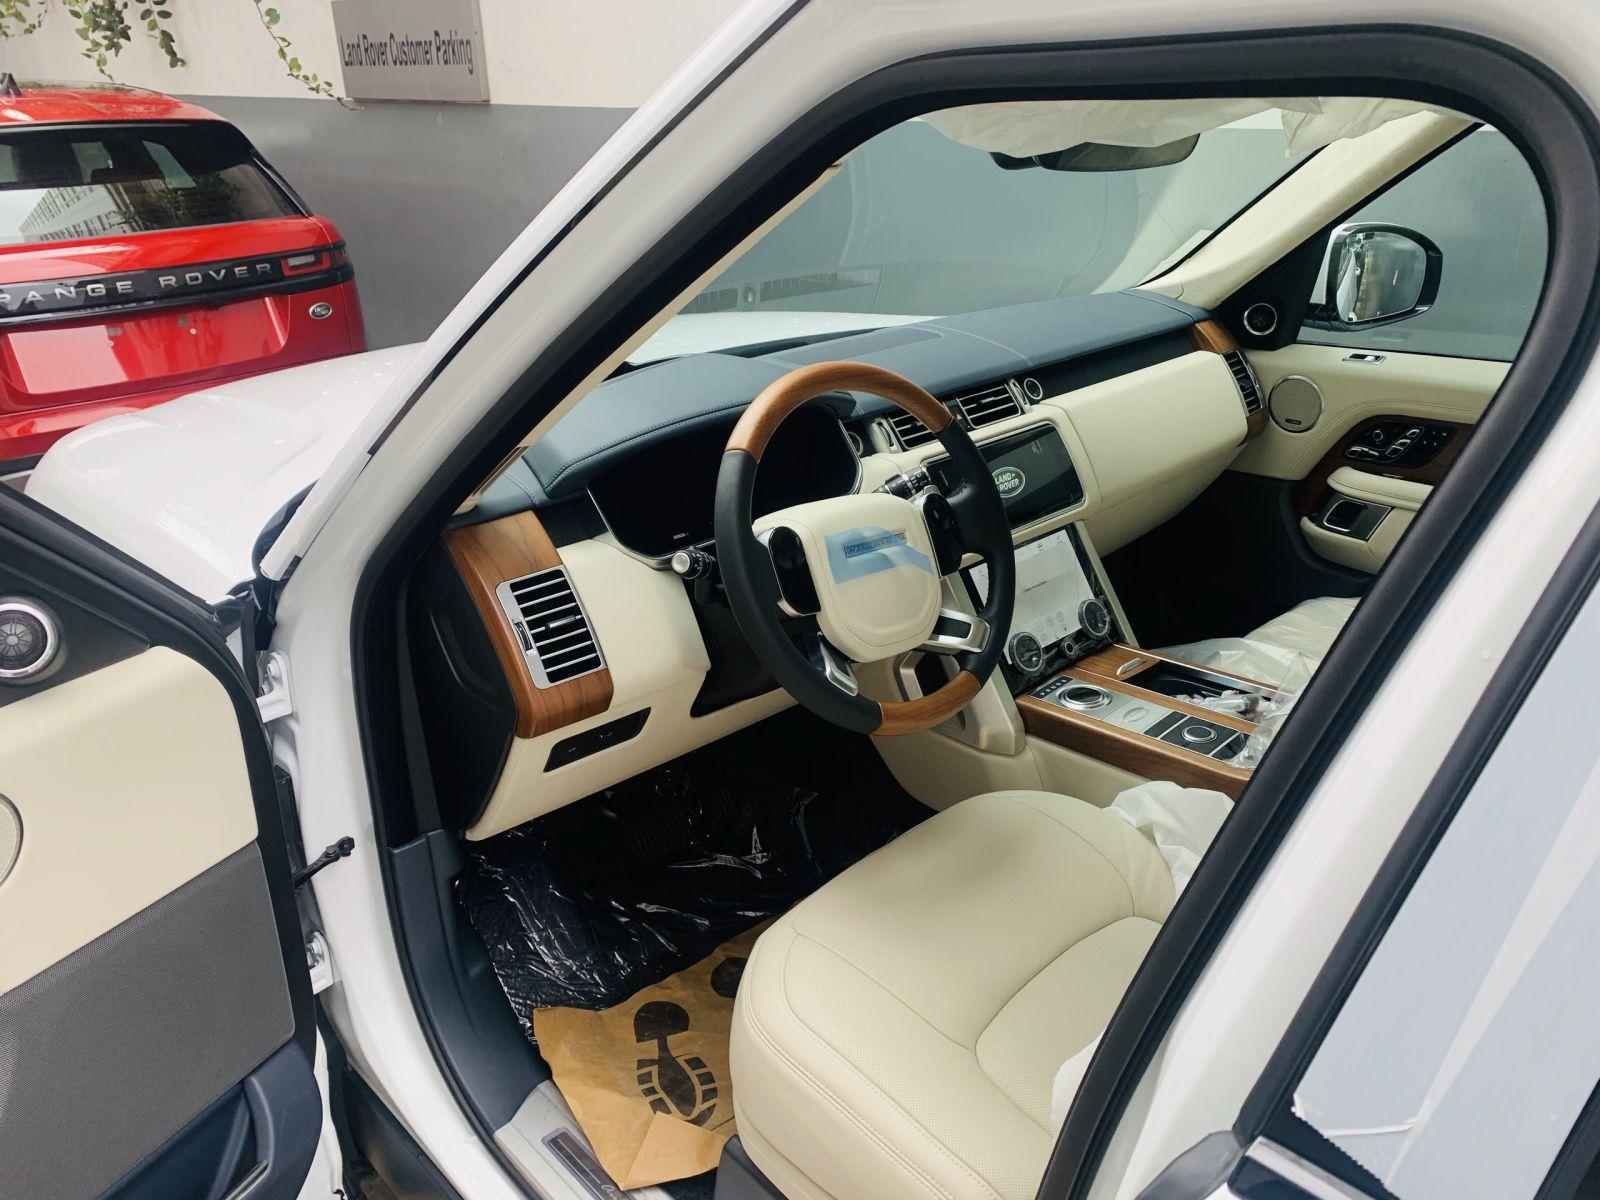 xe range rover phiên bản autobiography lwb màu trắng nội thất kem giá bán 12 tỷ